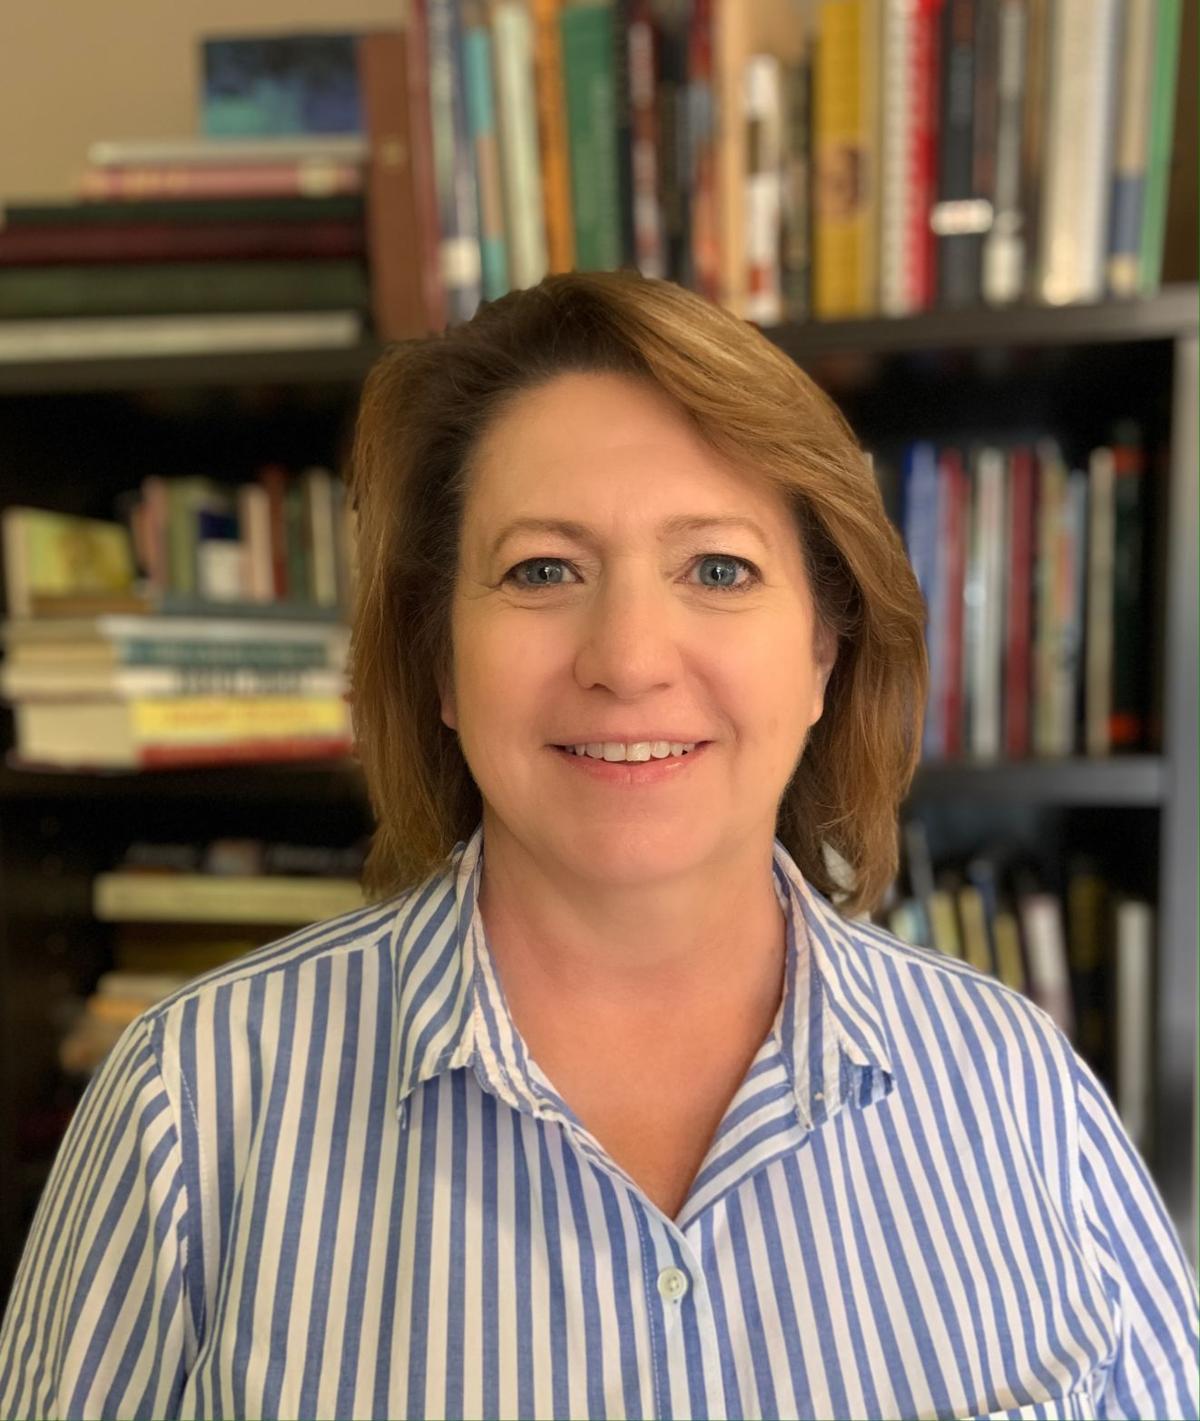 Sherita Miller